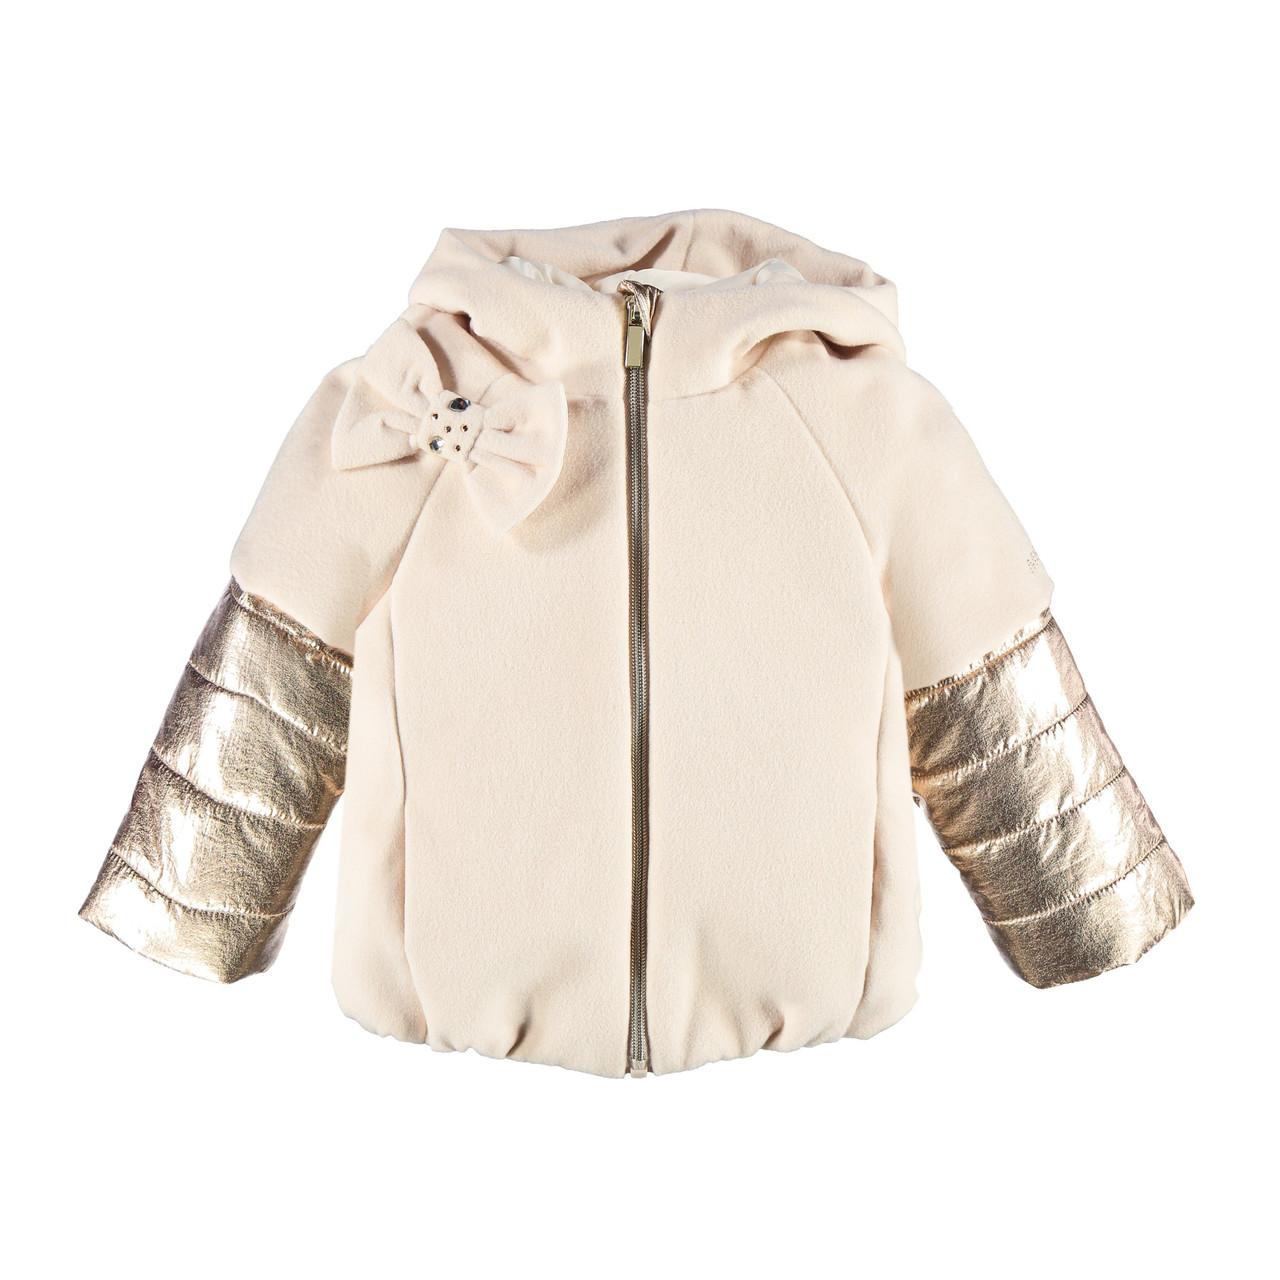 Пальто из ткани с капюшоном Mek  (р. 104-110)  193MEAA002-307 бежевое